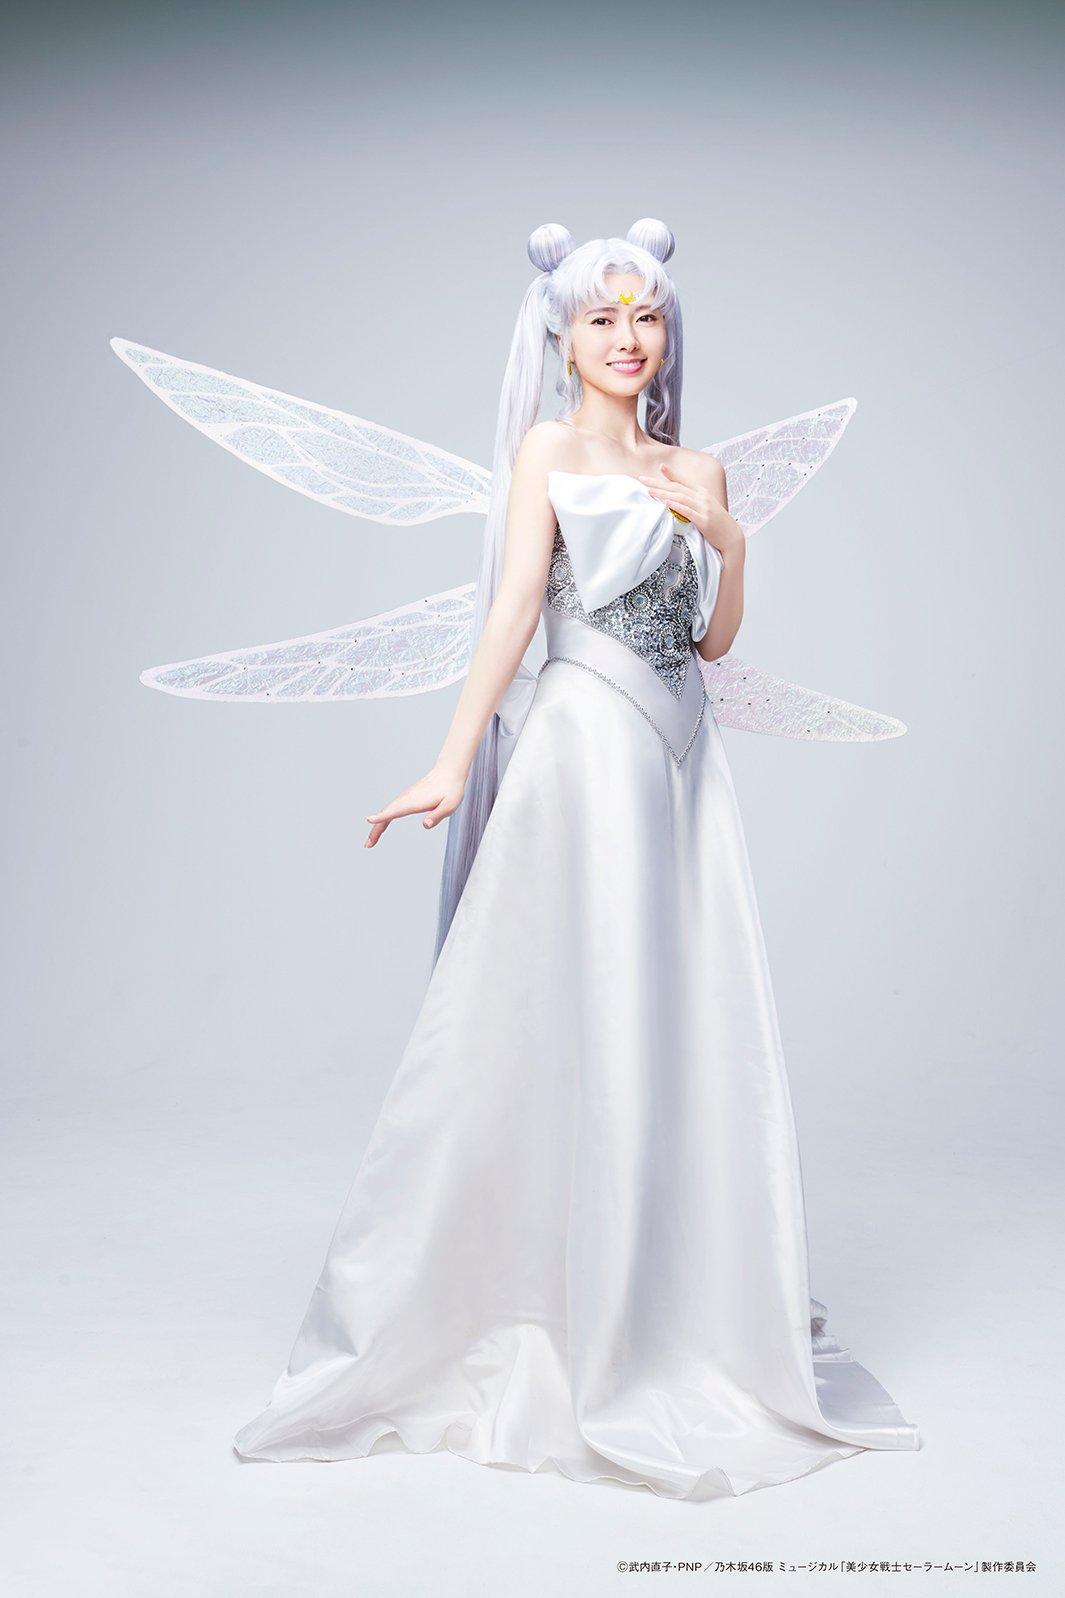 乃木坂46版ミュージカル「美少女戦士セーラームーン」白石麻衣ビジュアル2